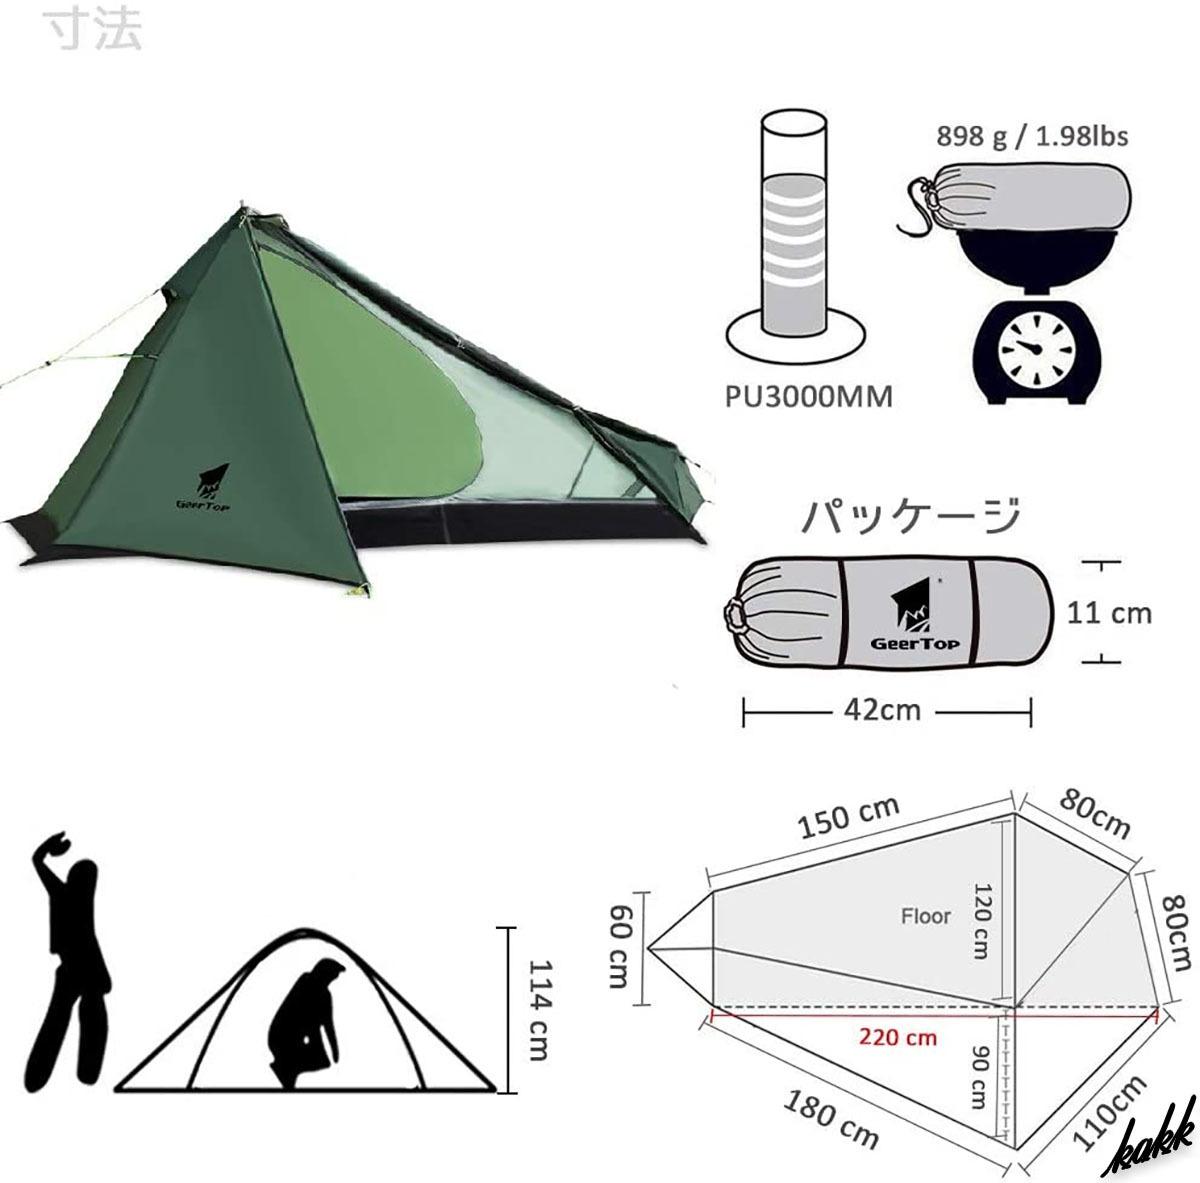 ソロキャンプテント 1人用 3000mm防水 メッシュインナー 換気窓 超軽量 コンパクト 3シーズン ツーリング キャンプ ハイキング 登山